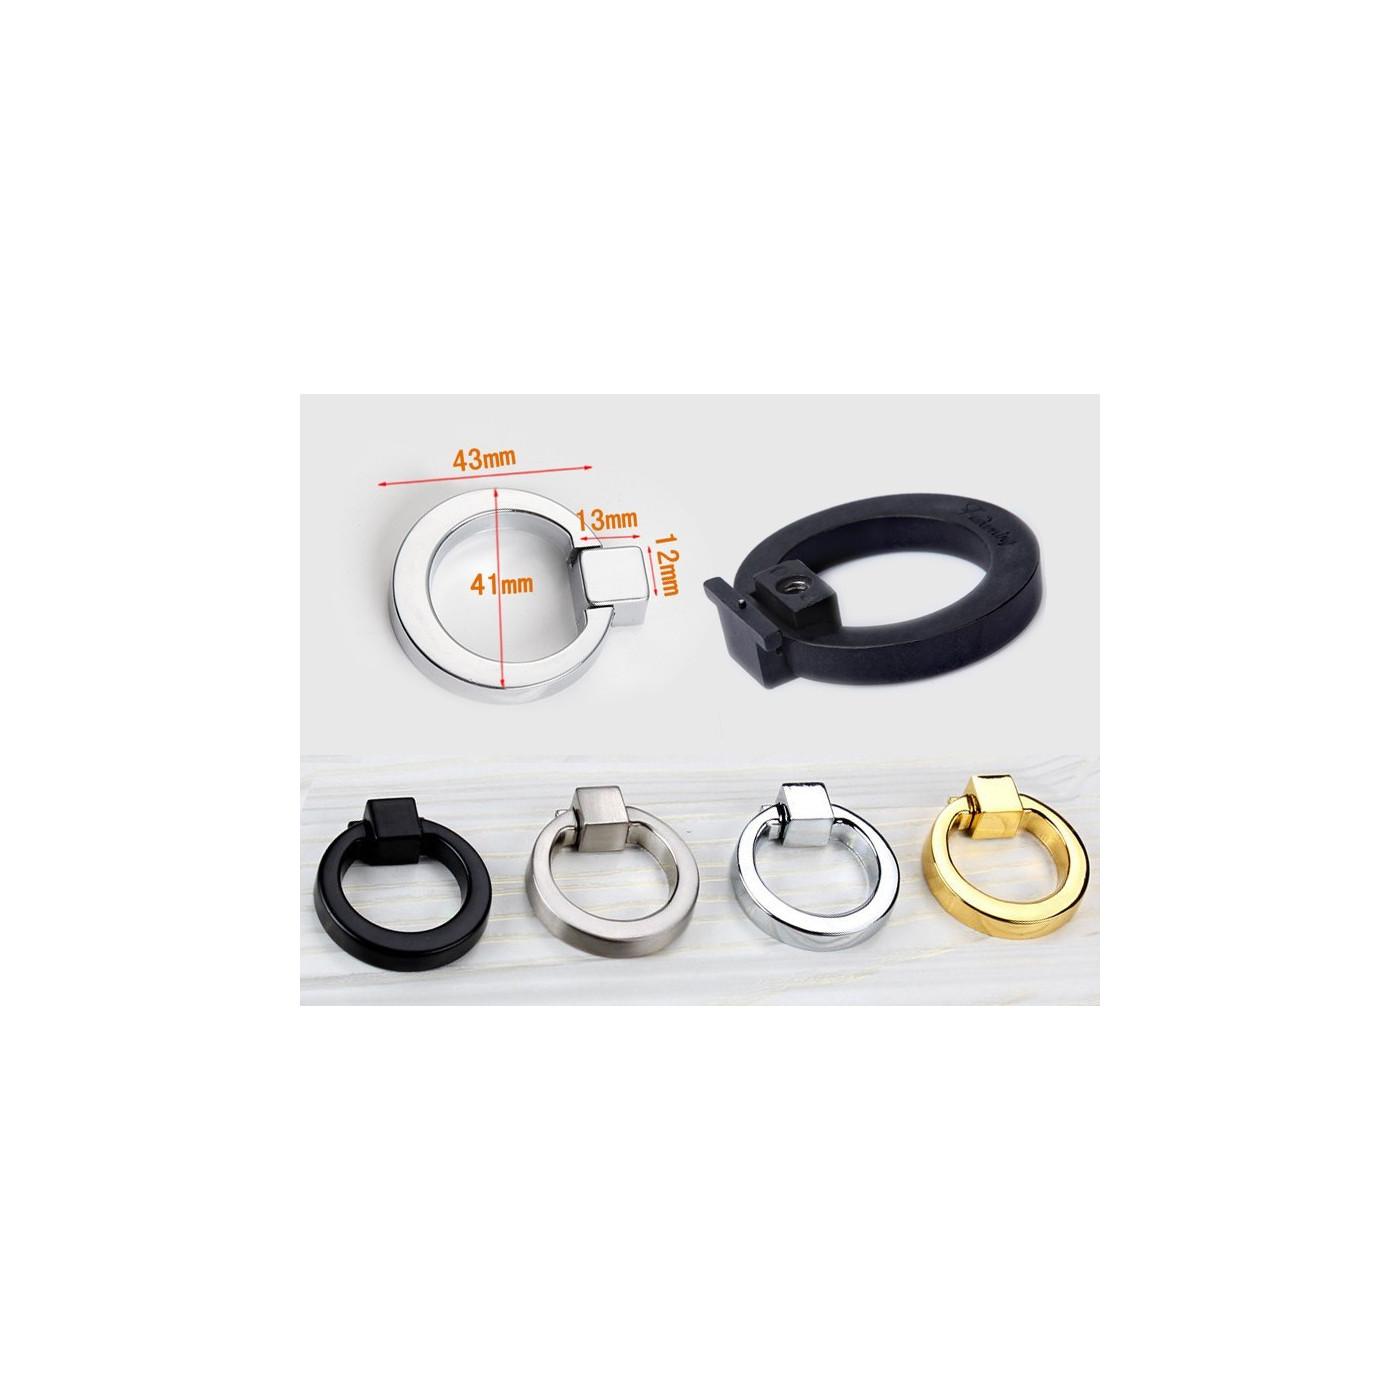 Conjunto de 5 alças de anel de metal (cromado)  - 1